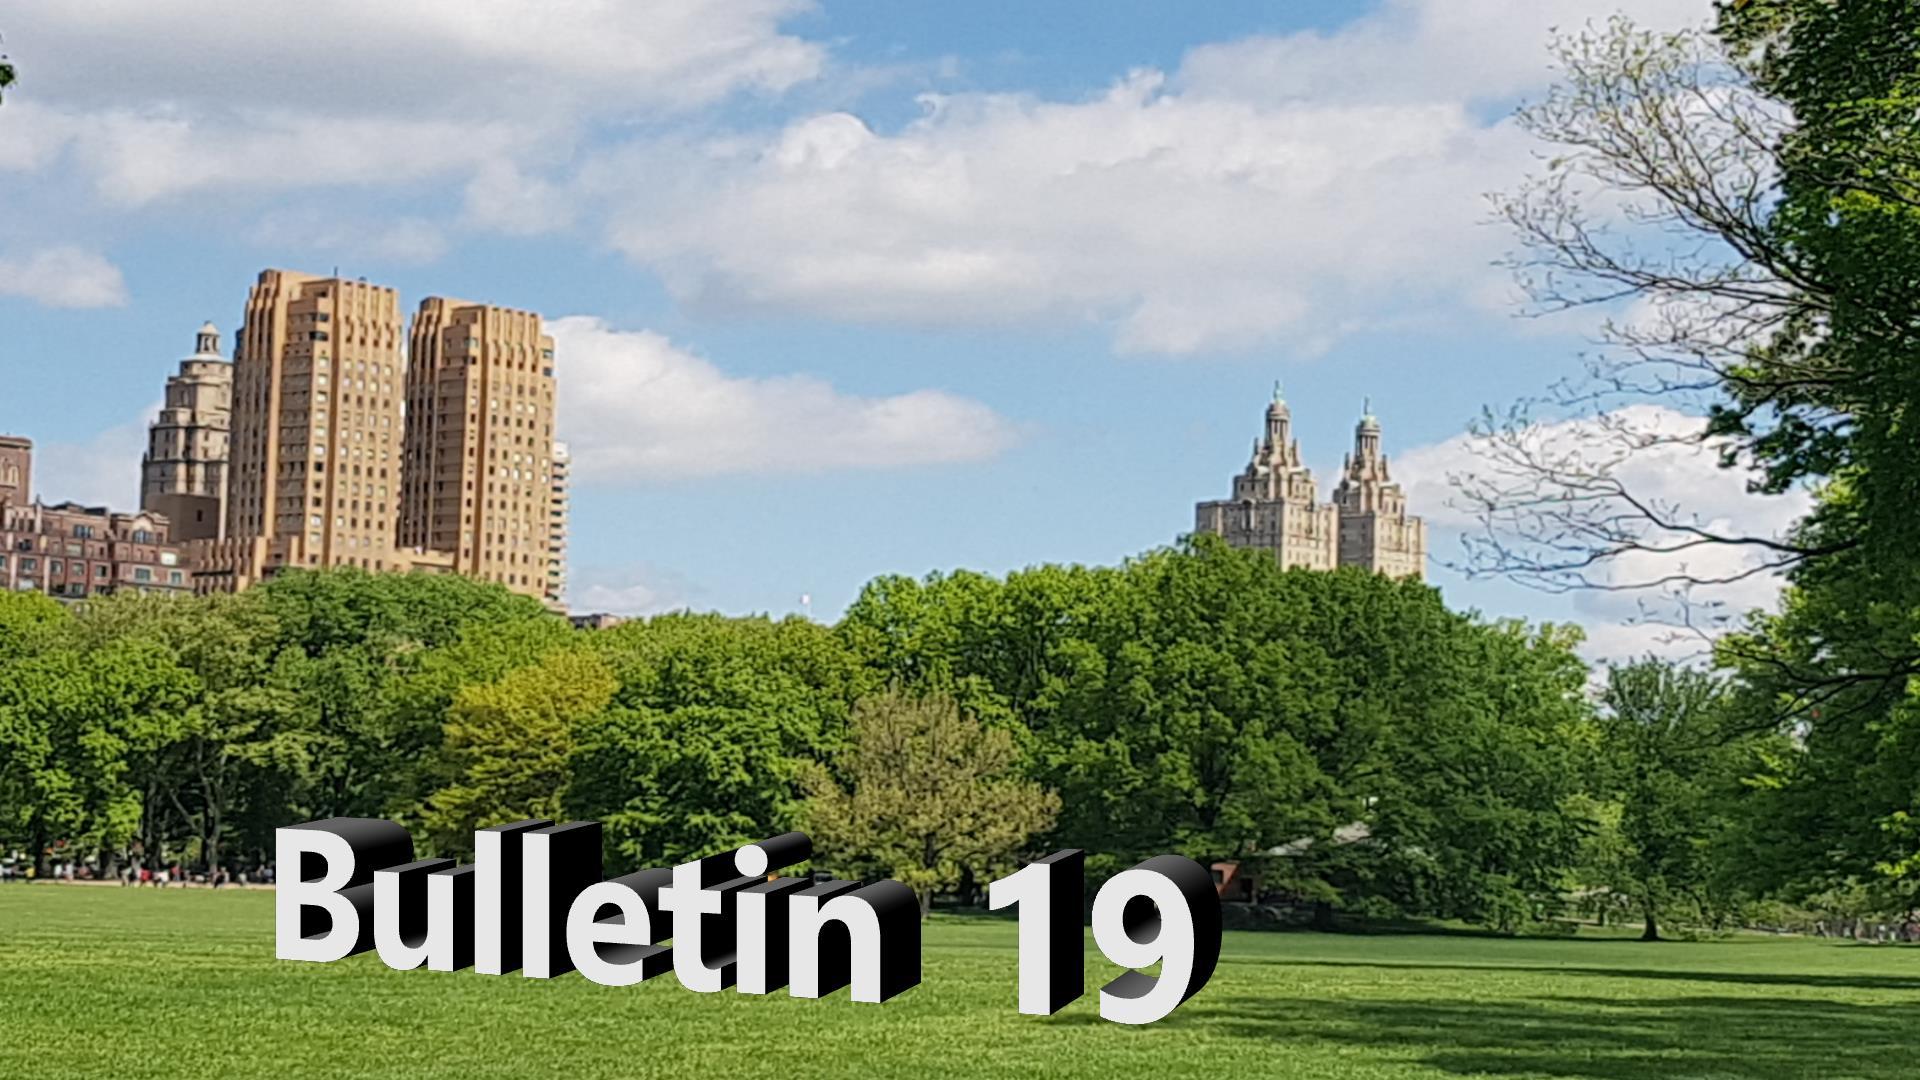 Bulletin 19, June 8